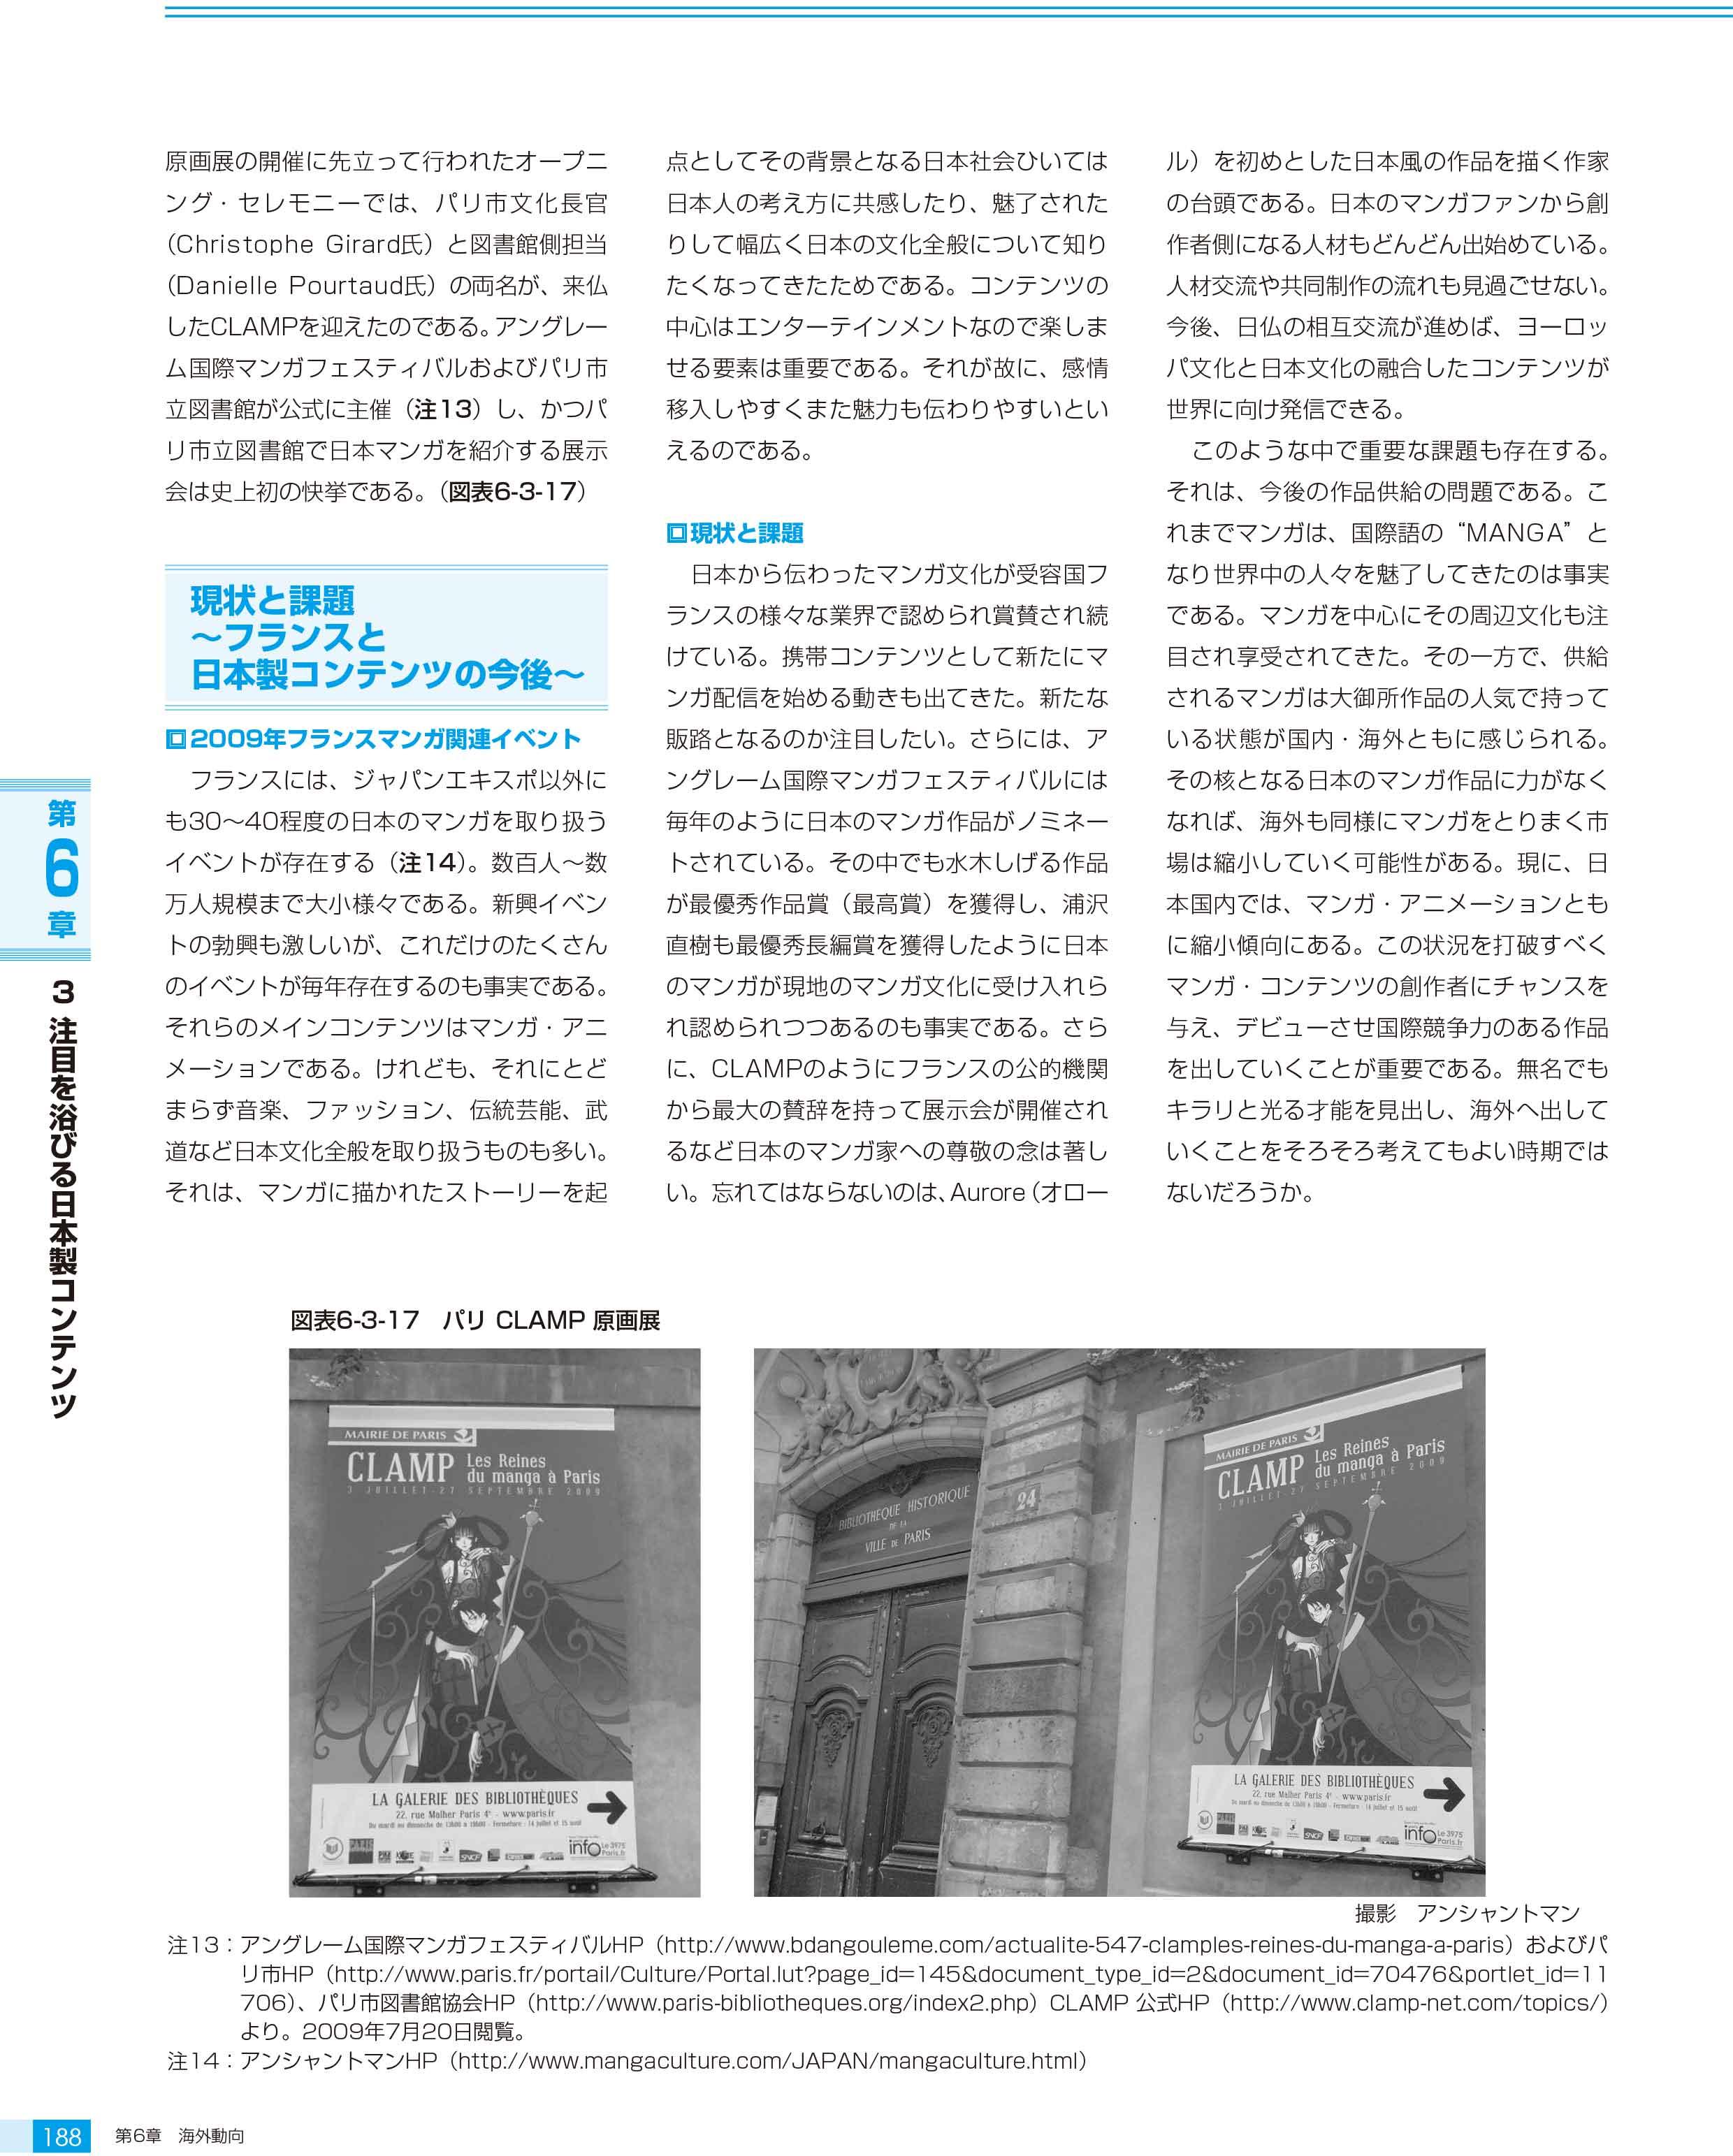 DACJ白書2009_08